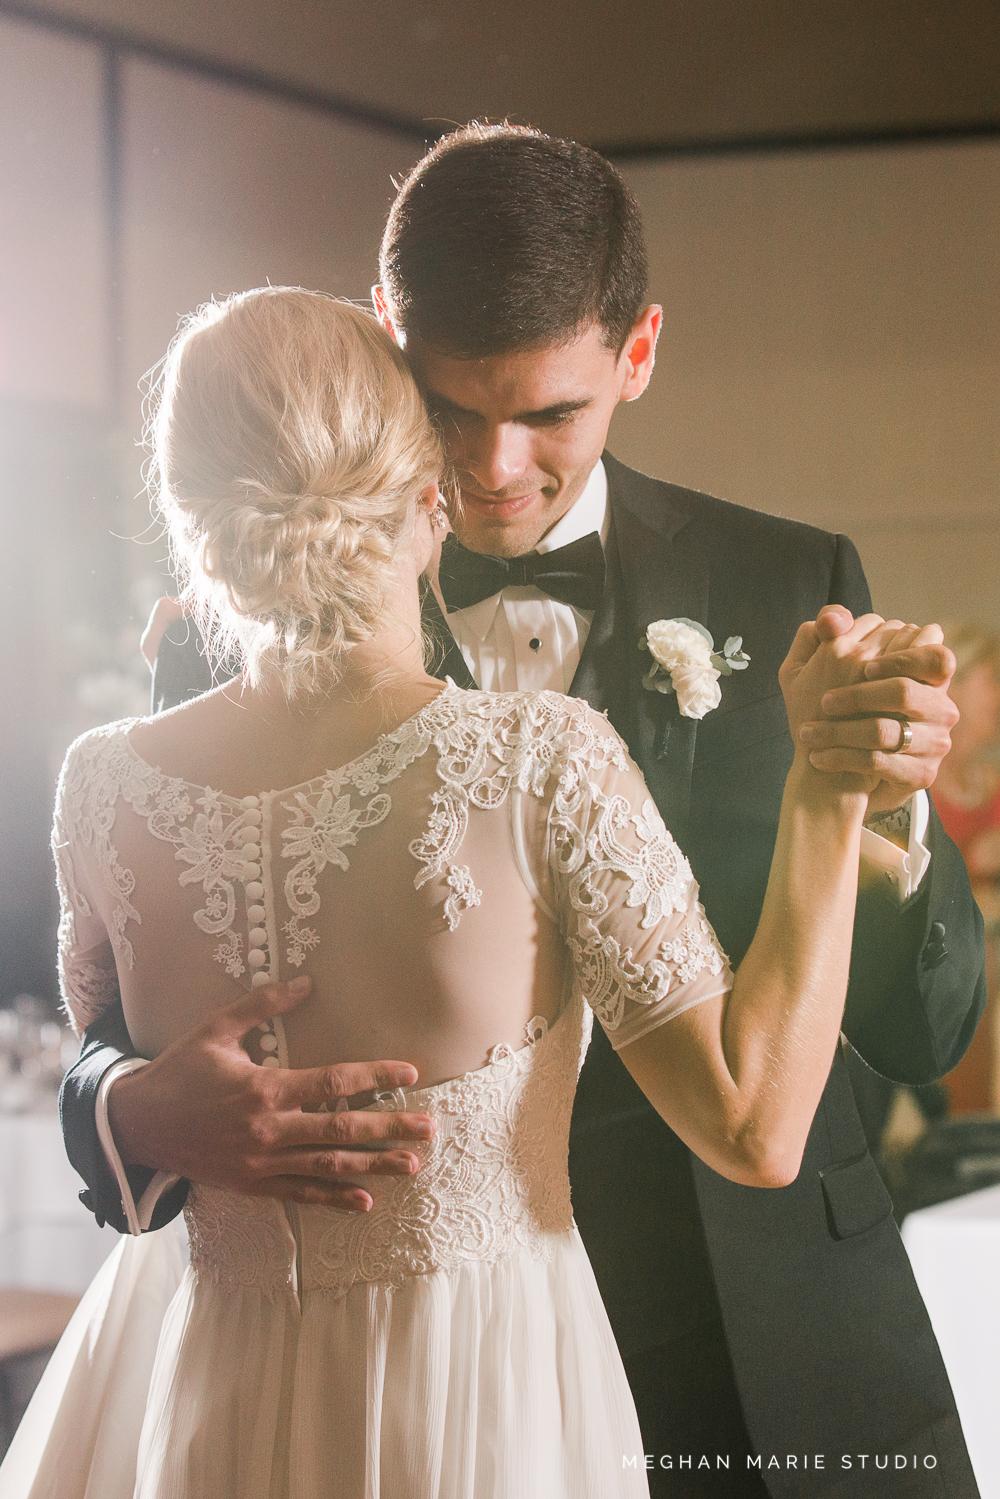 sullivan-wedding-blog-MeghanMarieStudio-2121.jpg